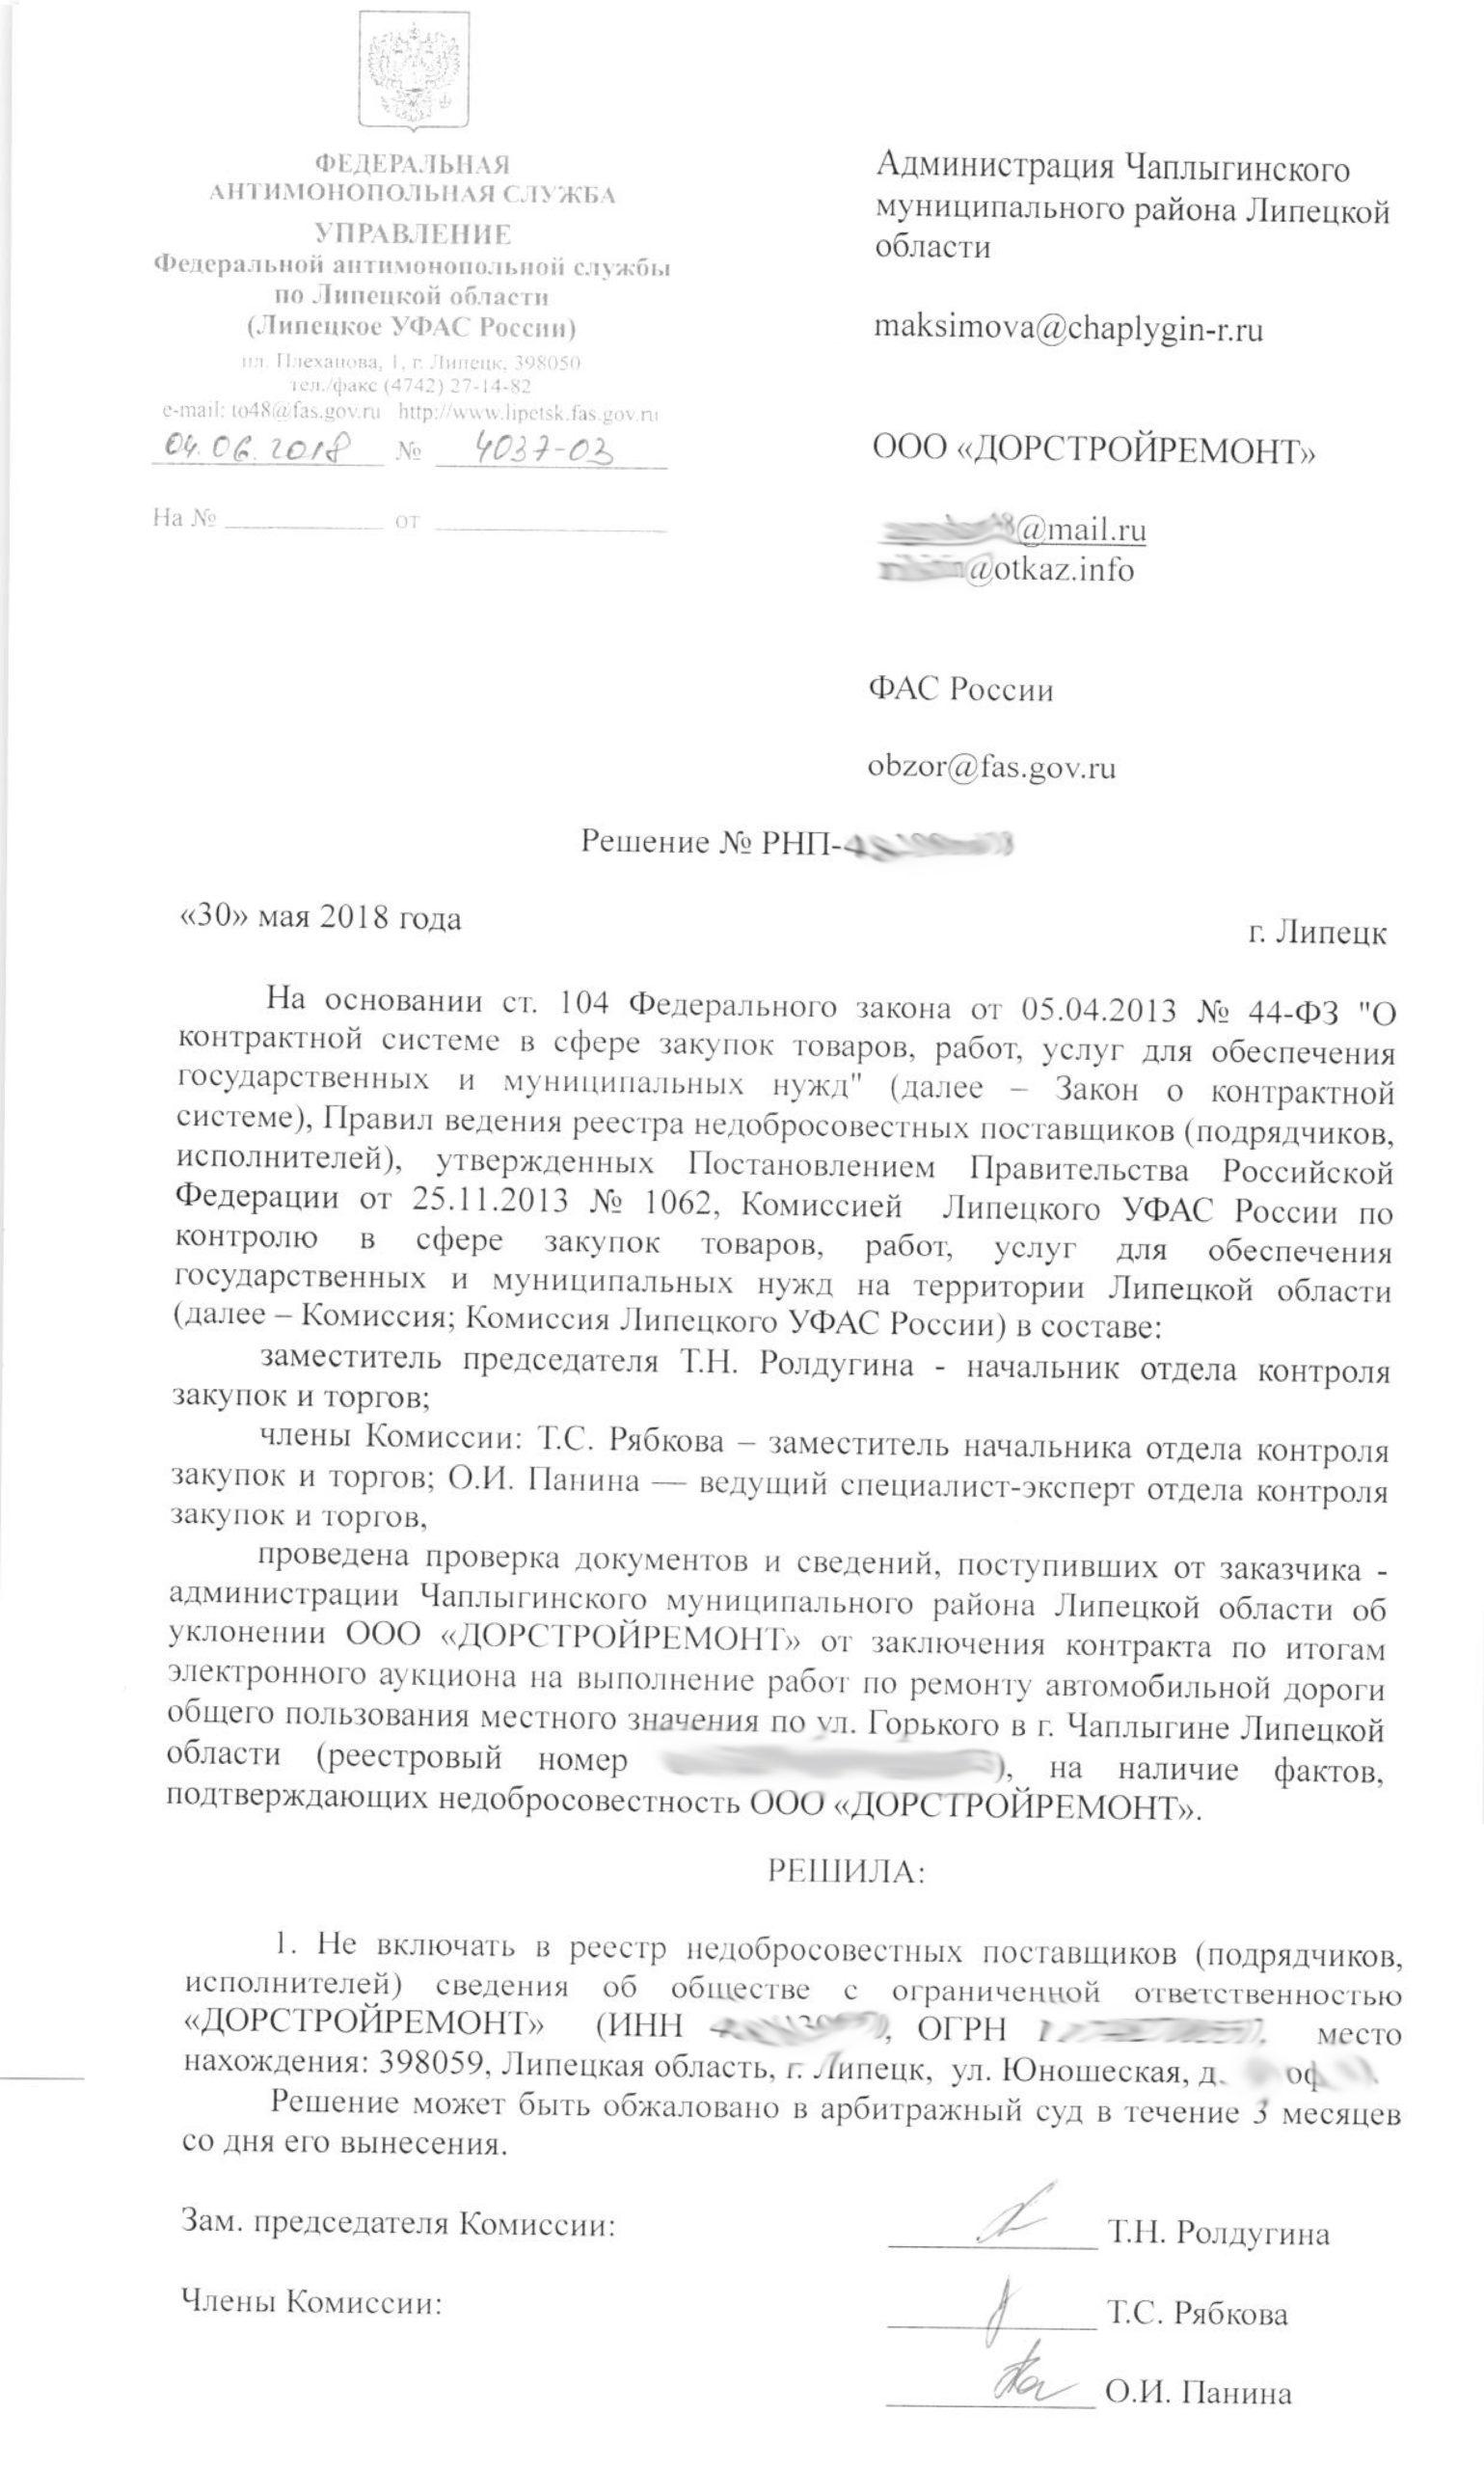 Липецкий УФАС Дорстройремонт -1